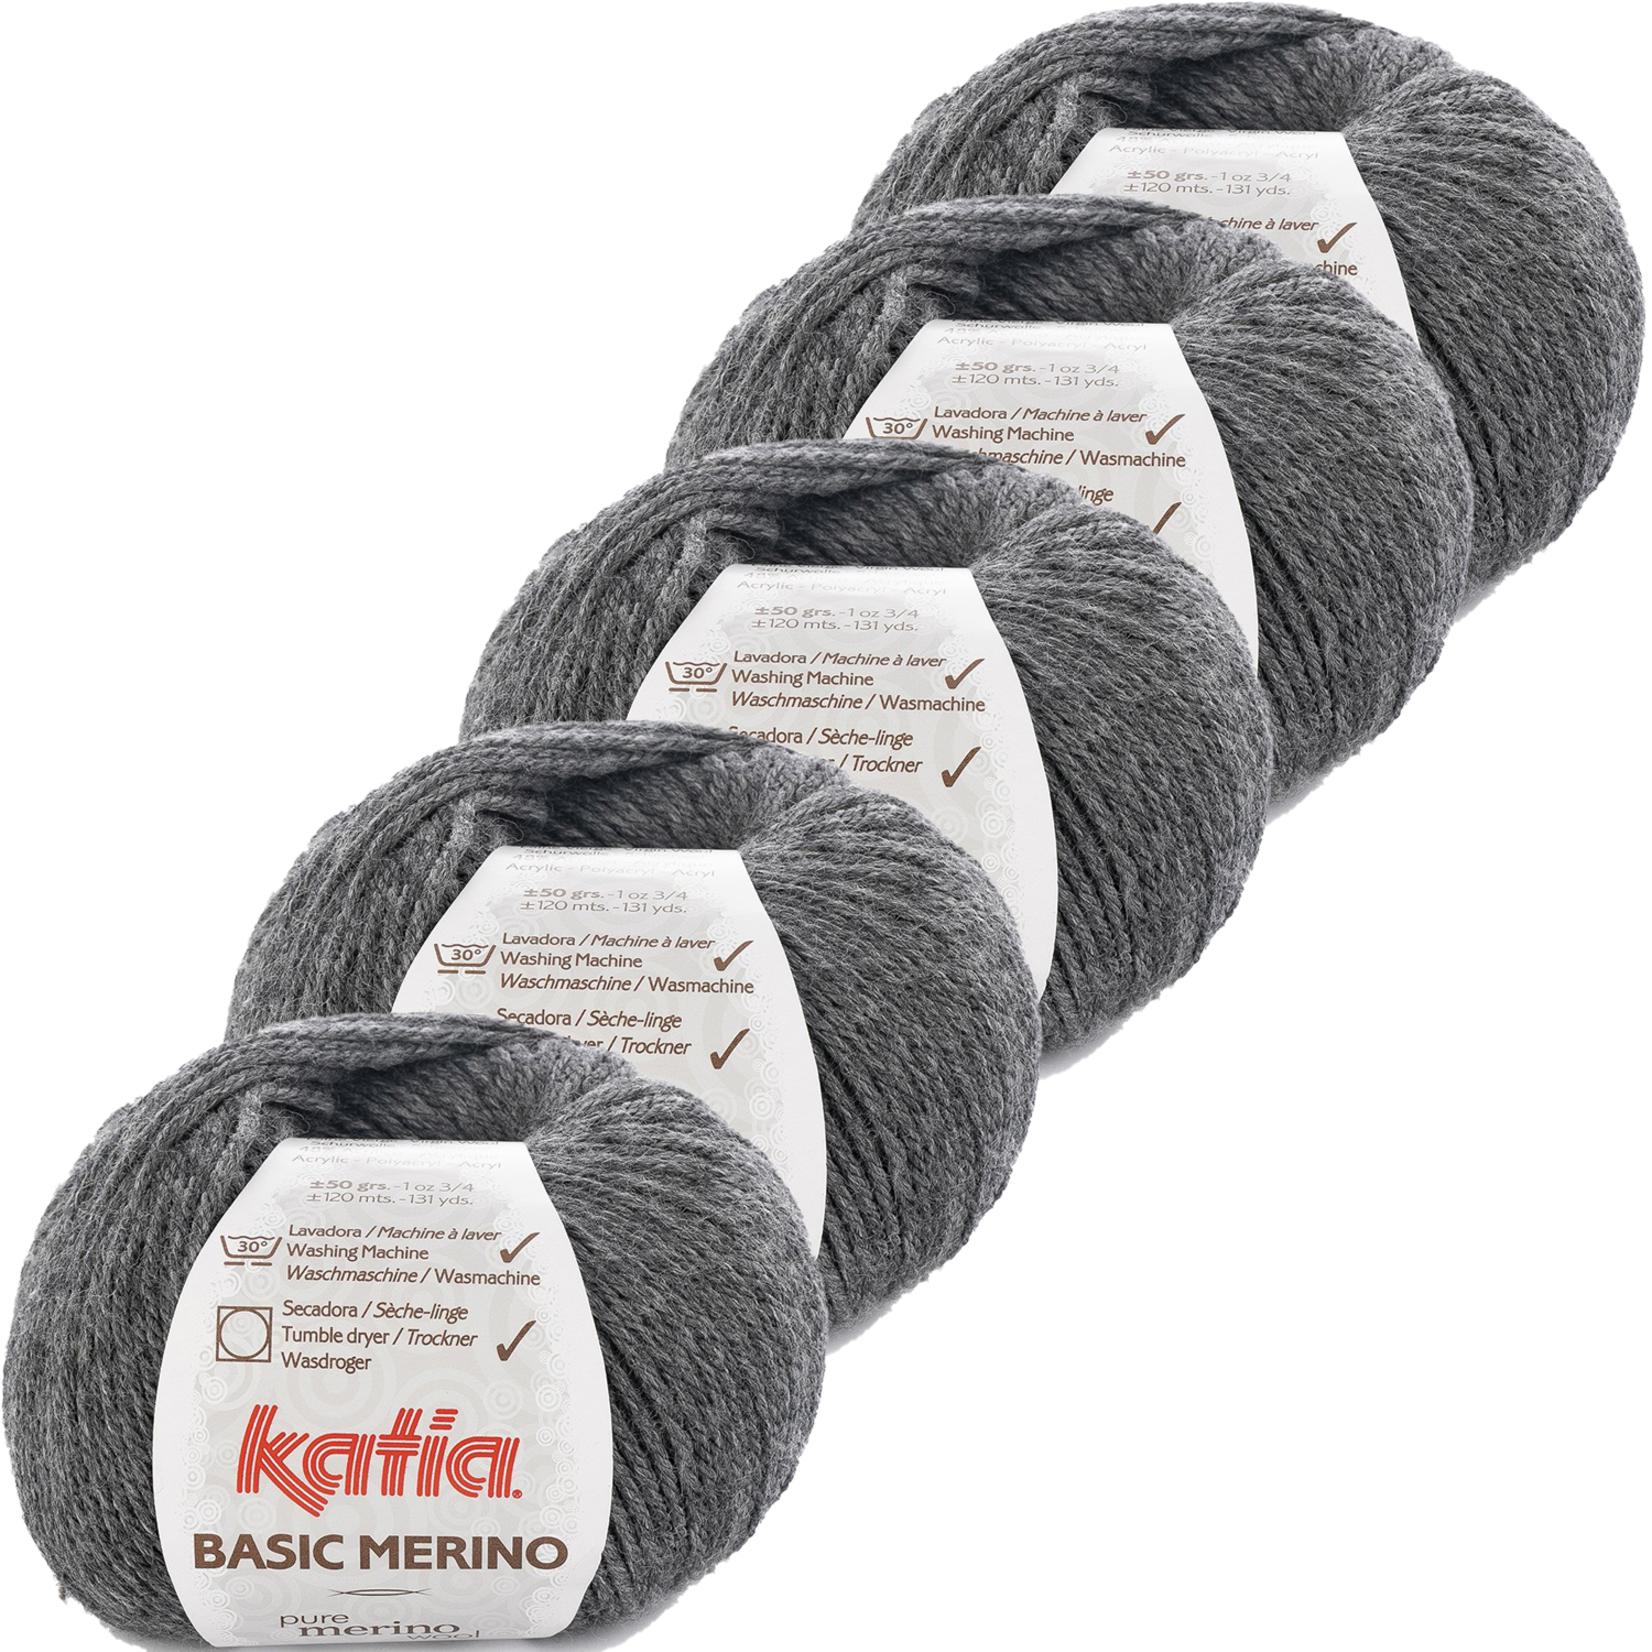 Katia Basic Merino - kleur 14_Zeer donker grijs - bundel 5 bollen 50 gr.  van 120 m.